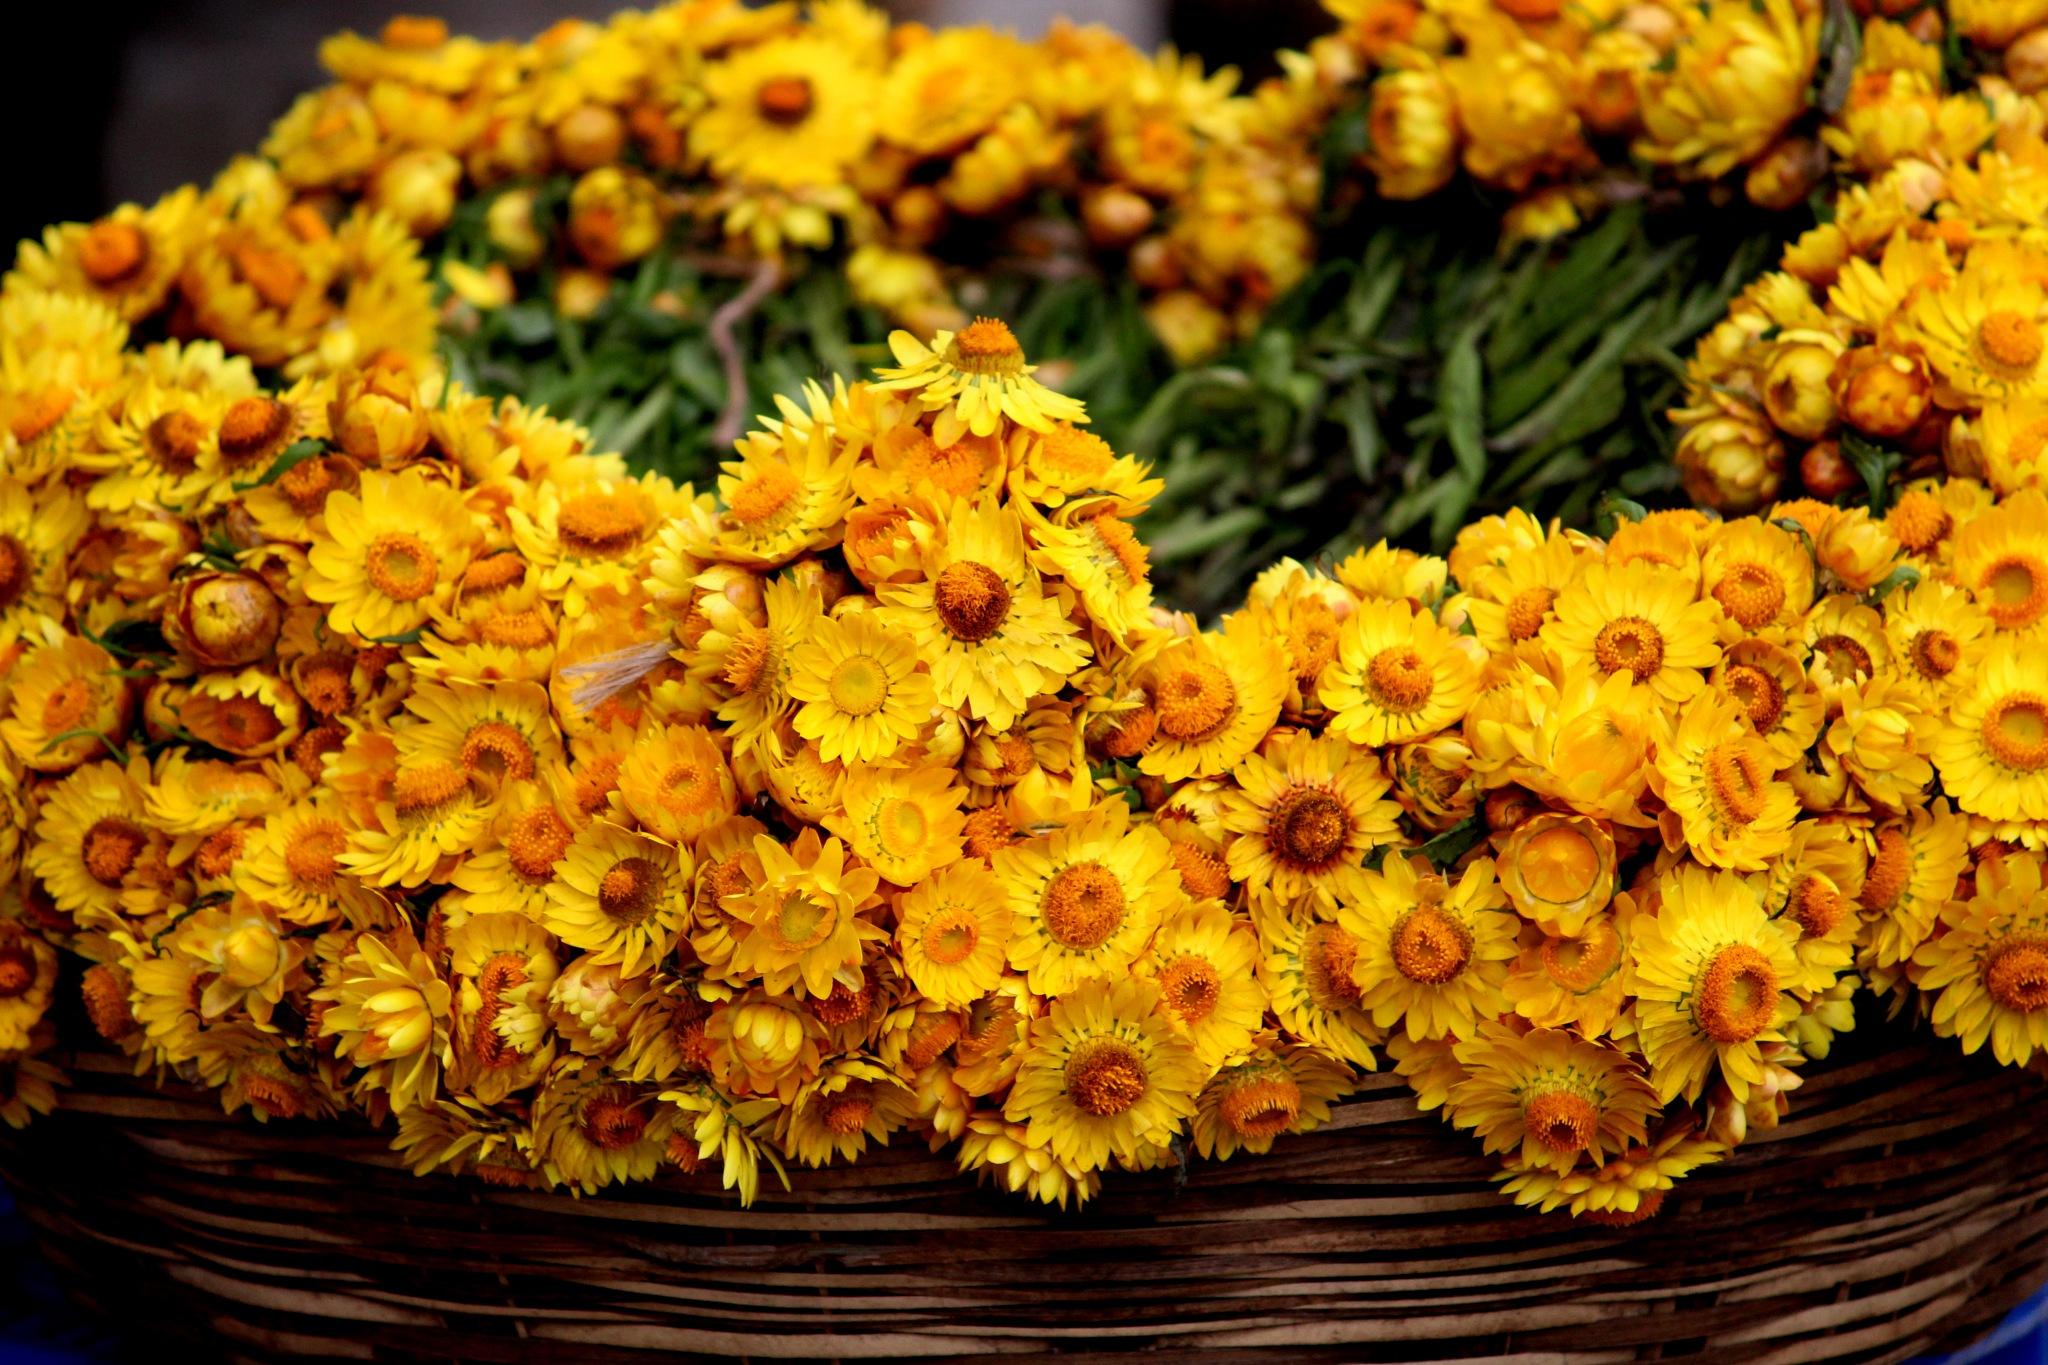 Flower by Laxminandan Satpathy